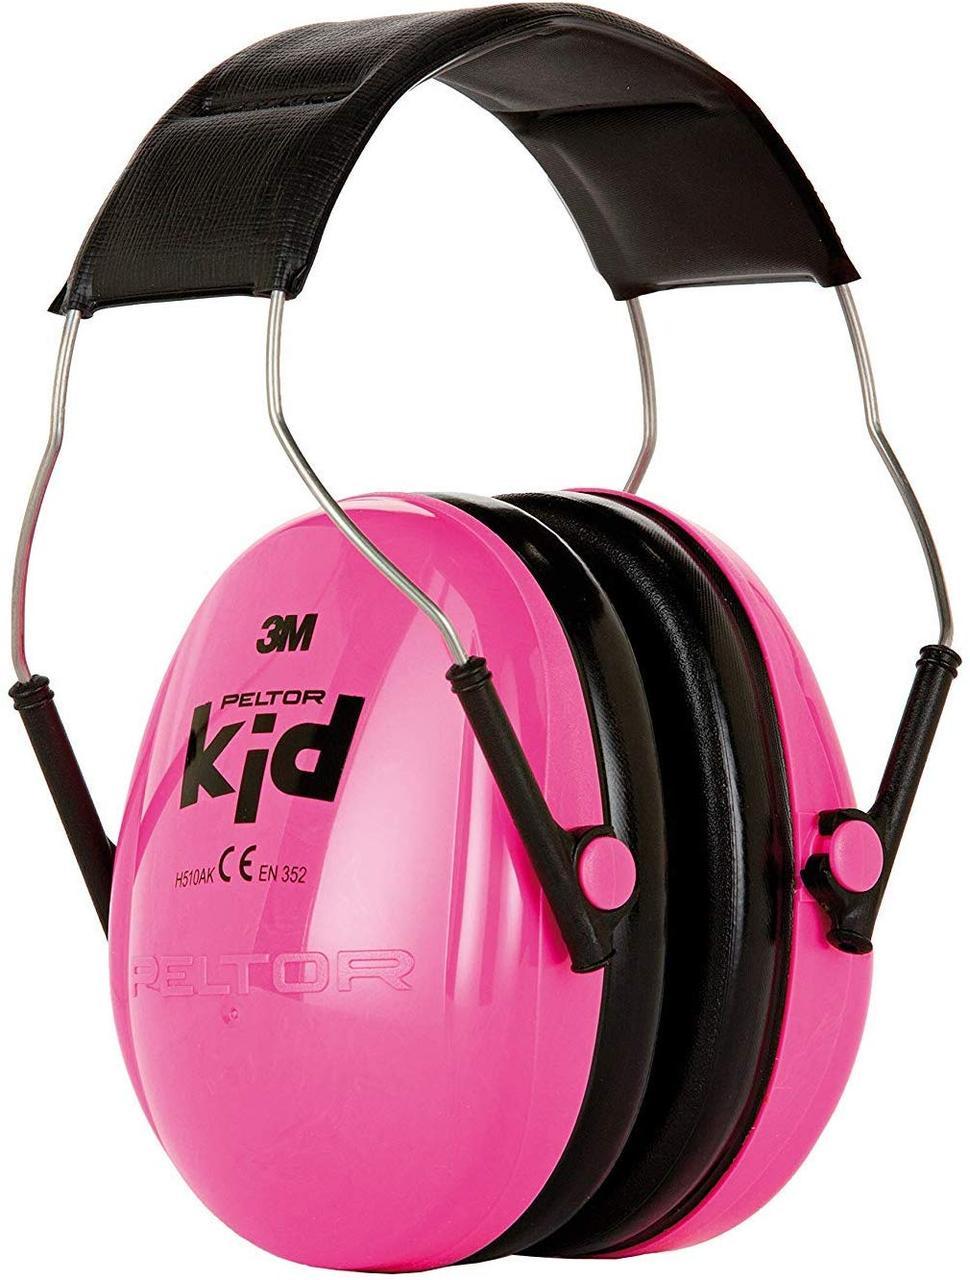 Детские противошумные наушники 3M Peltor Kids (розовые)/ наушники для детей